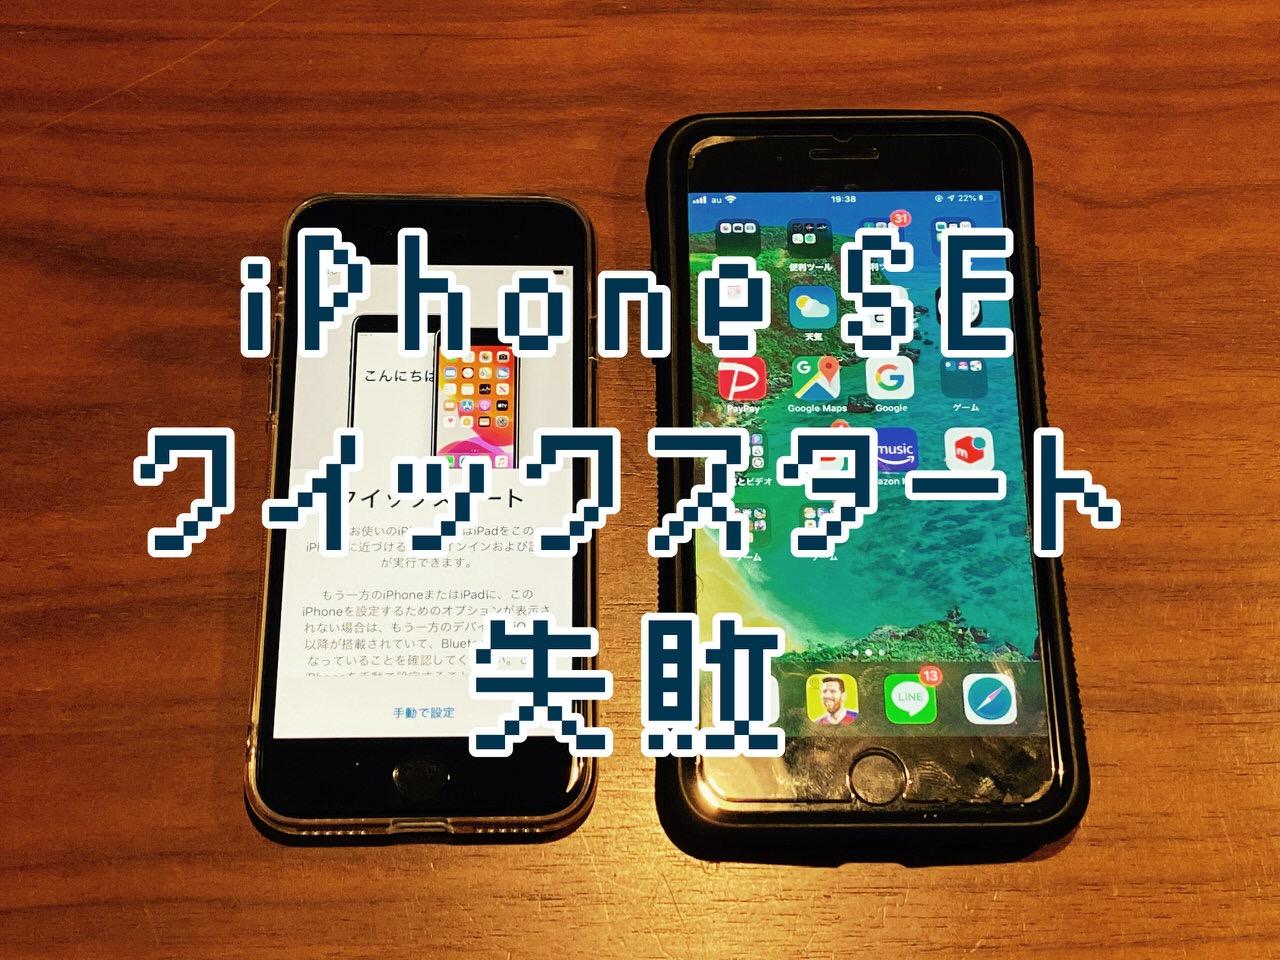 「iPhone SE」が届きサクッとiPhone 7 Plusから機種変更しようとしたらできない!クイックスタートに失敗した話